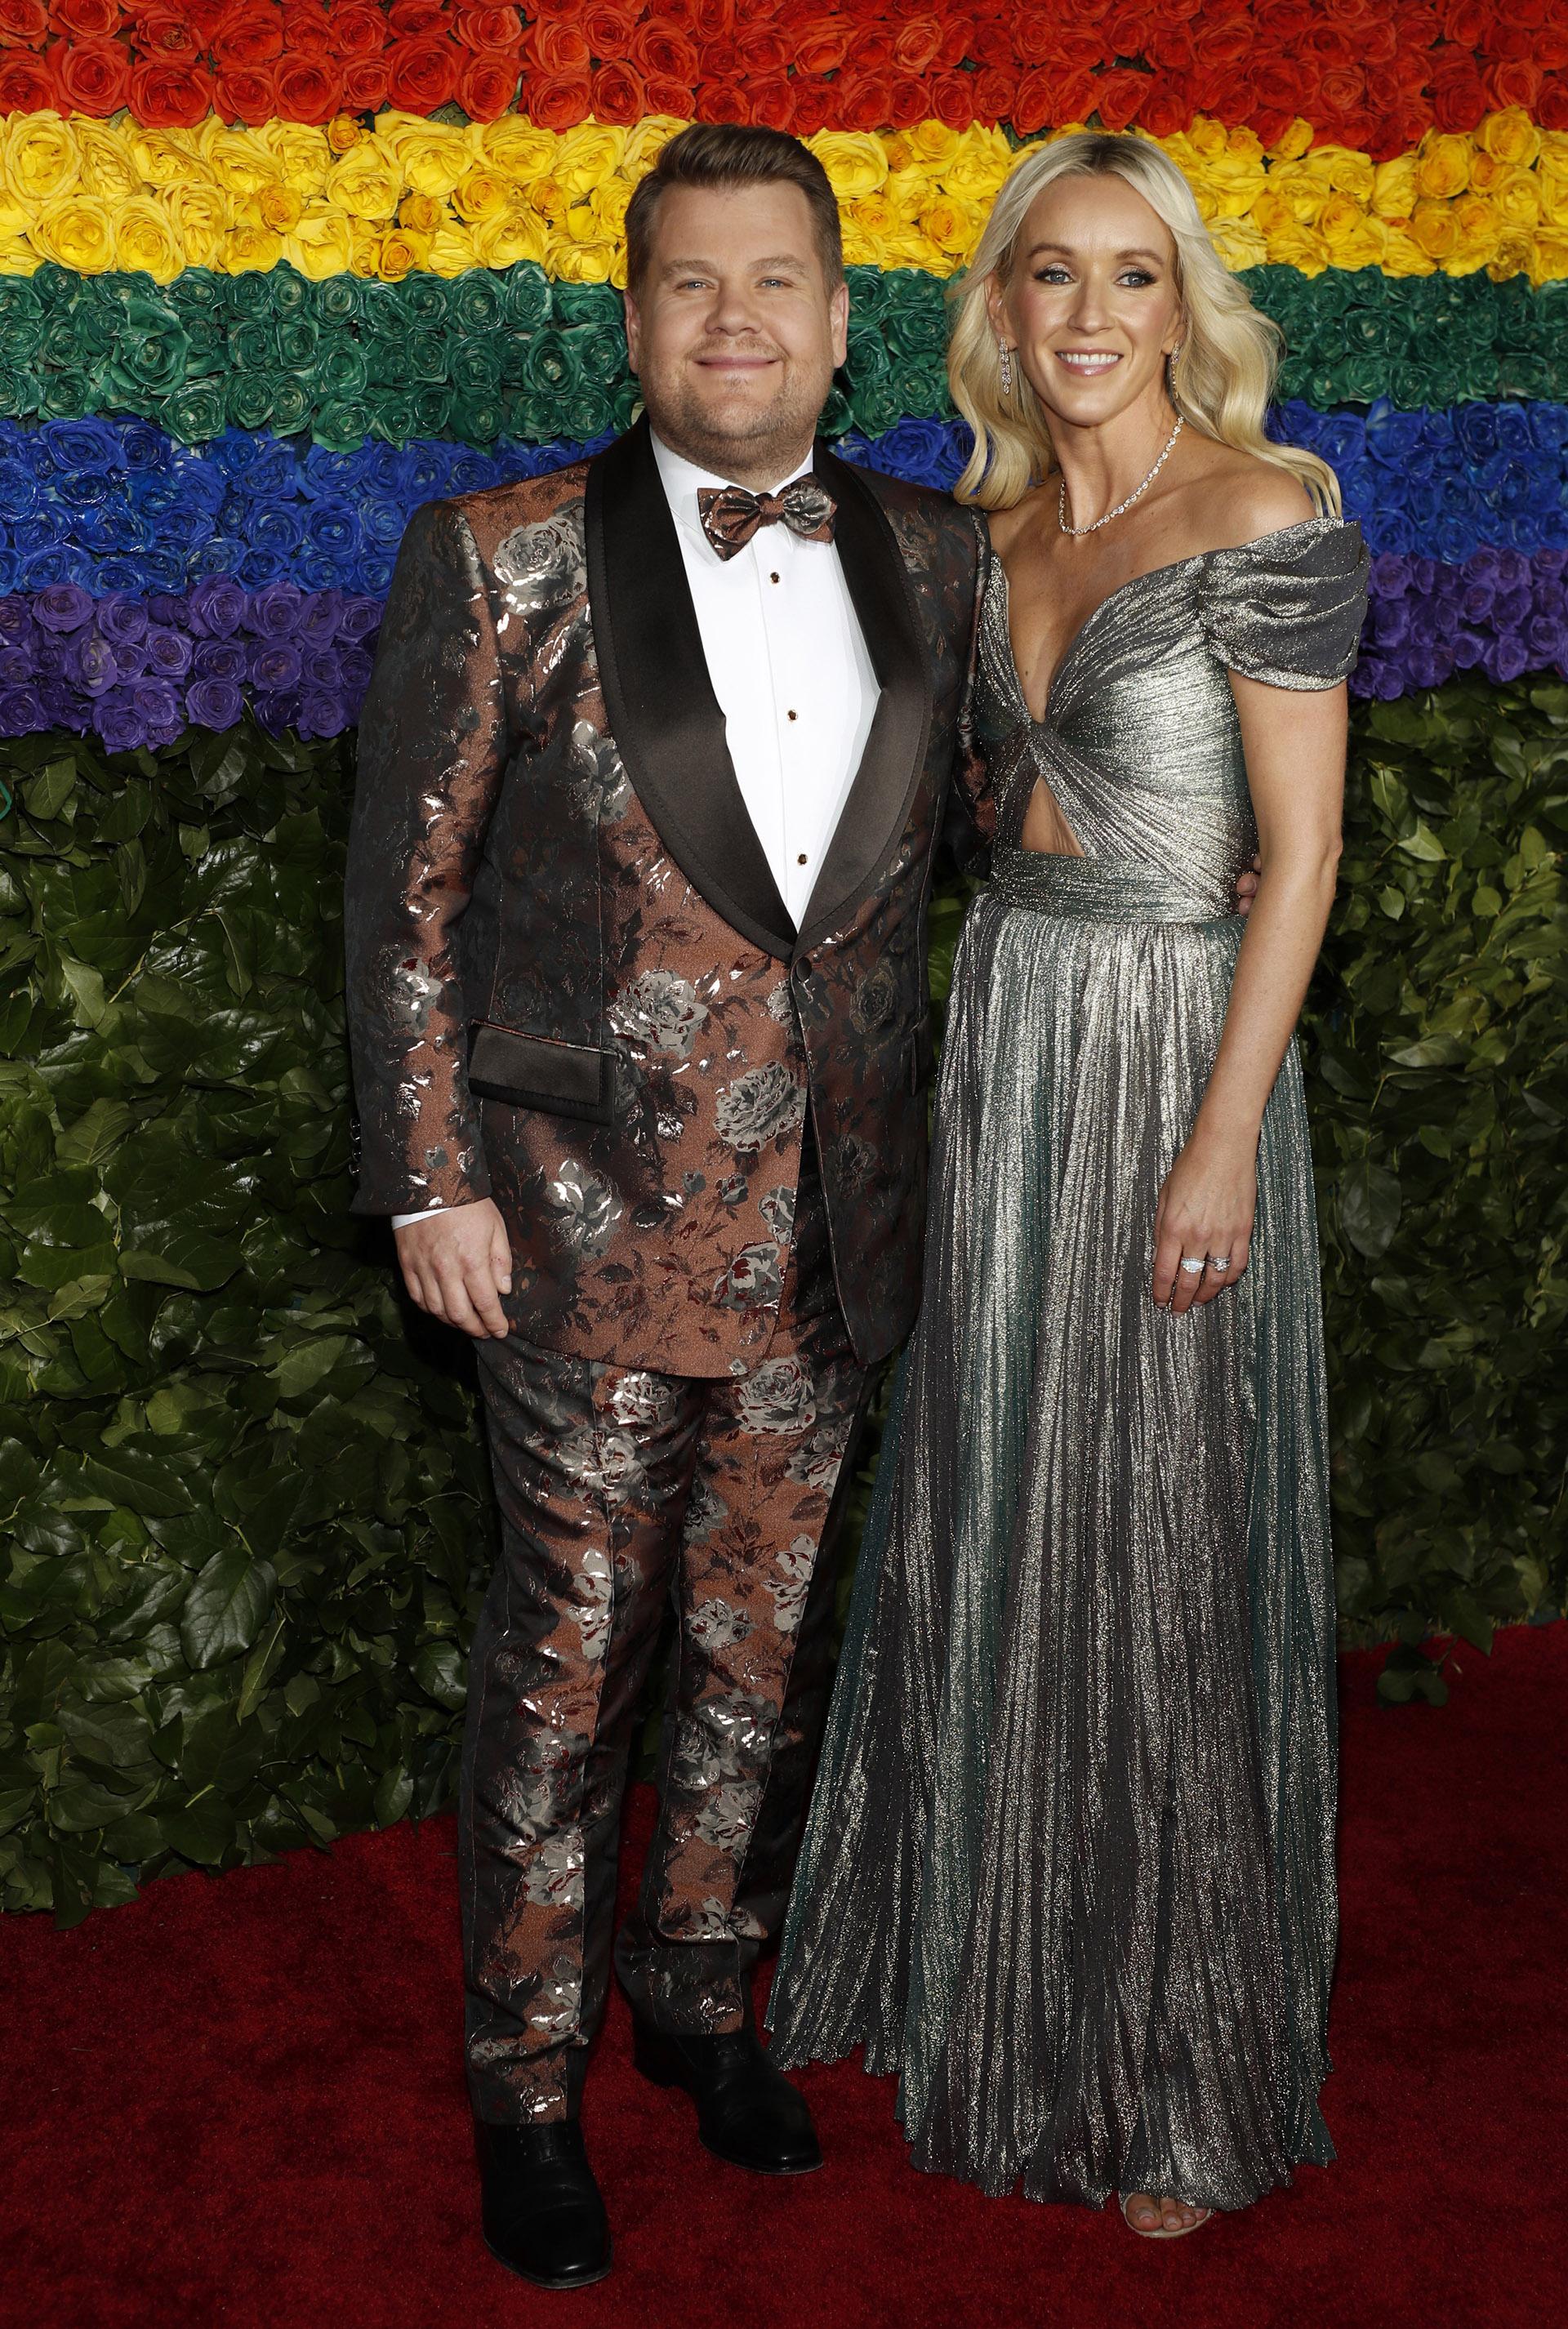 El presentador de la nocheJames Cordencon su esposa Julia Carey